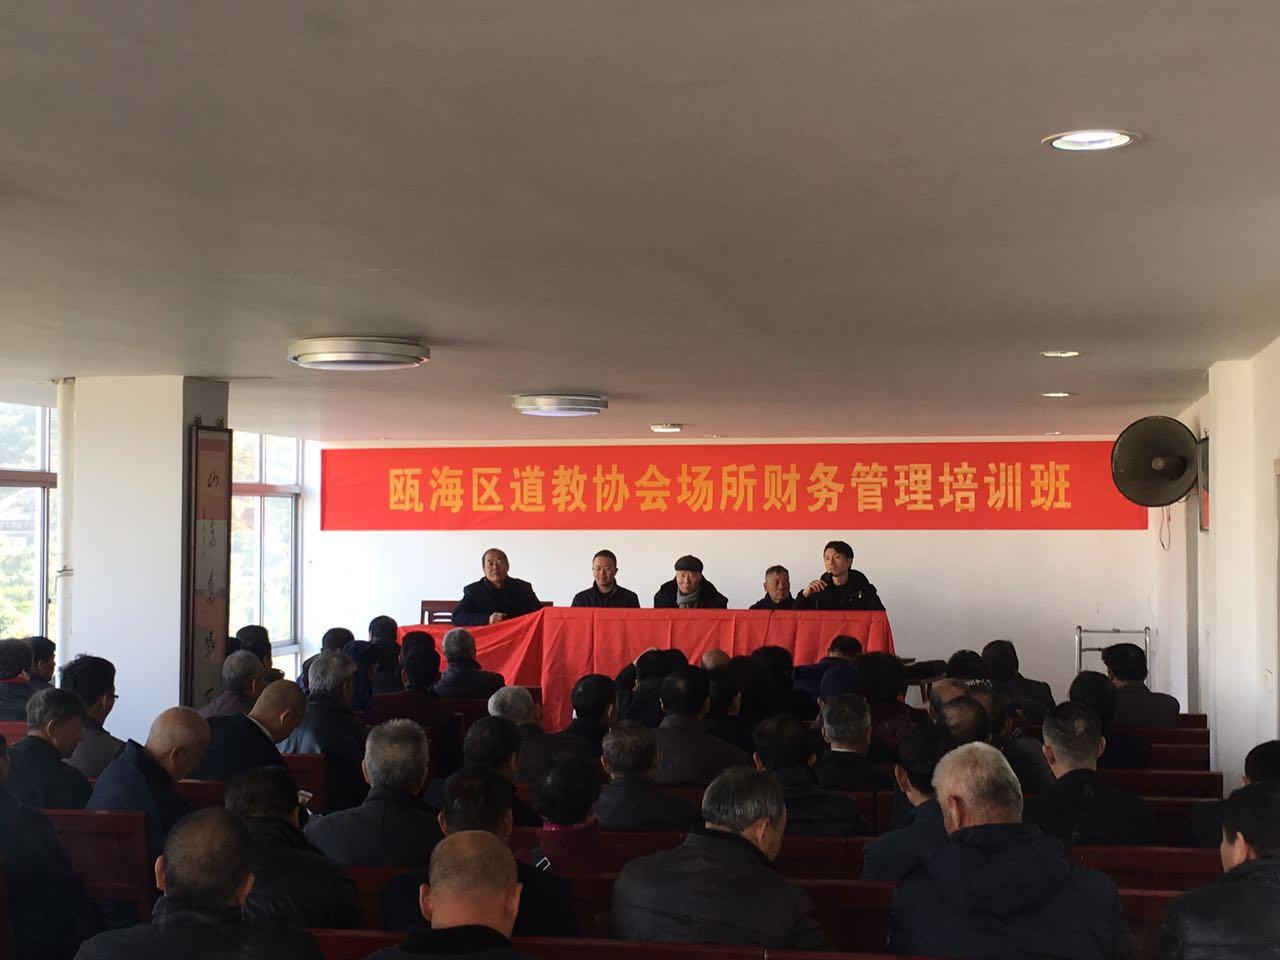 浙江温州瓯海区道协举办宫观财务管理培训班